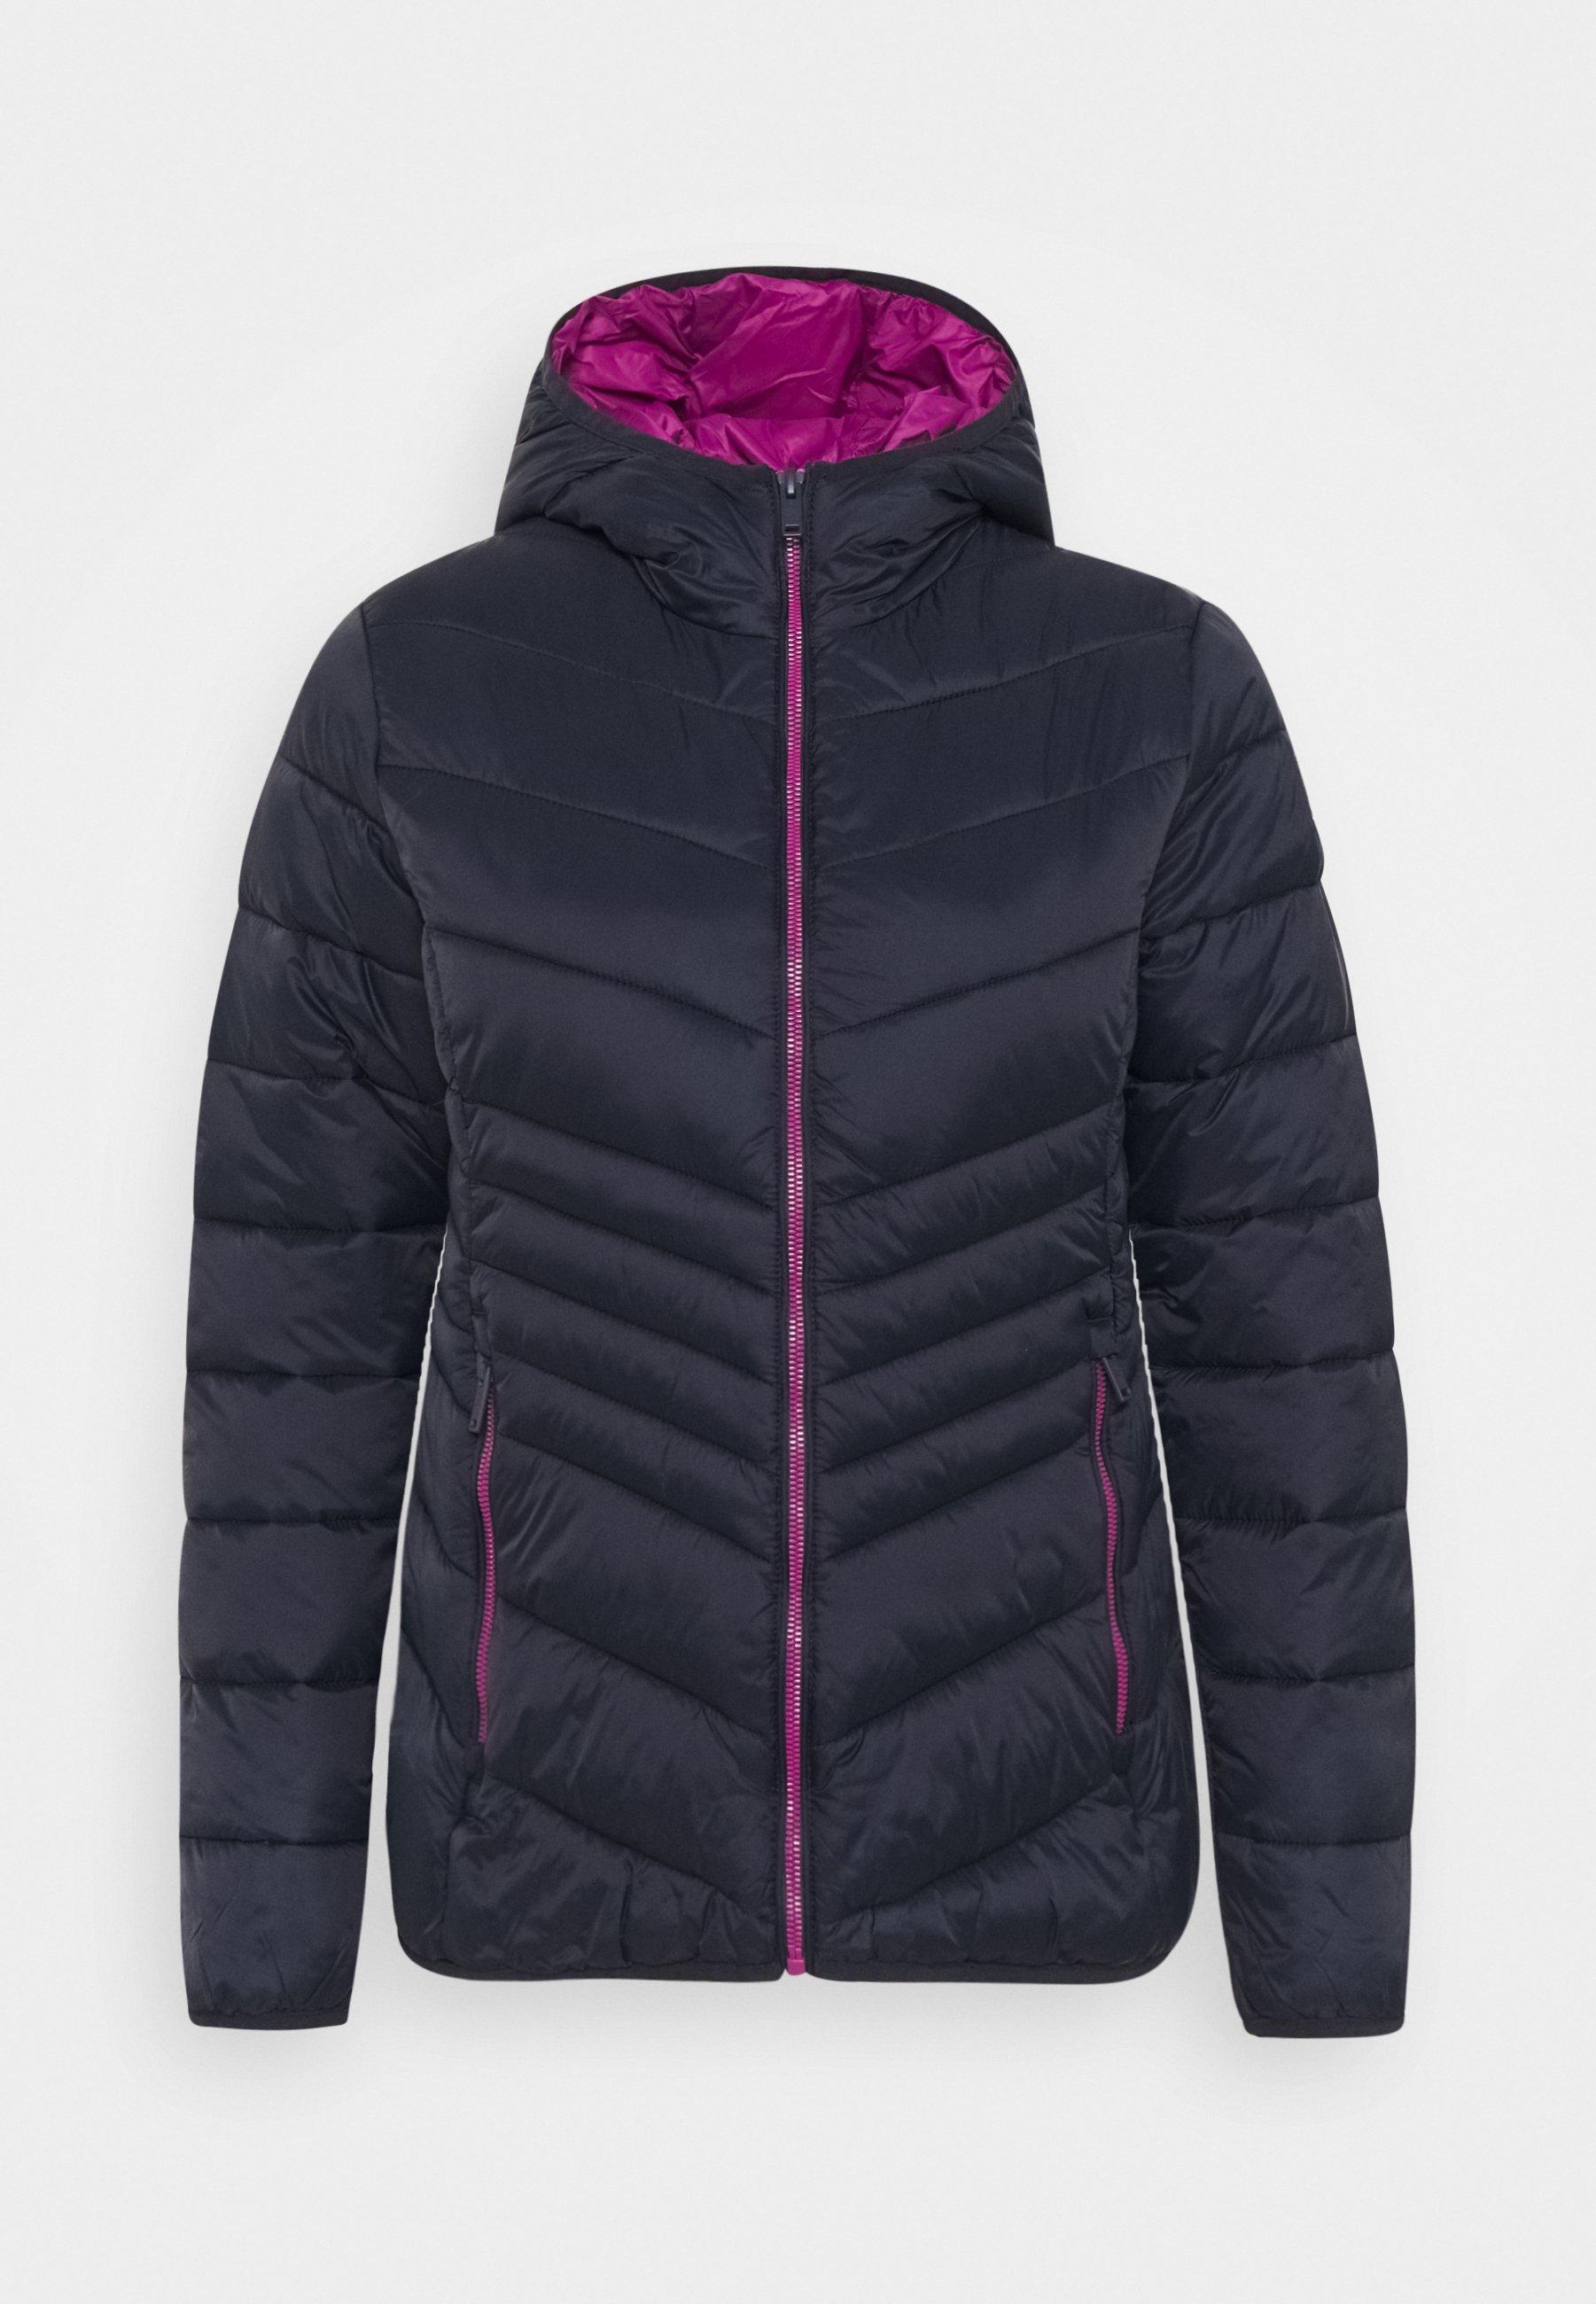 Cmp giacca da mezza stagione magenta zalando rosso